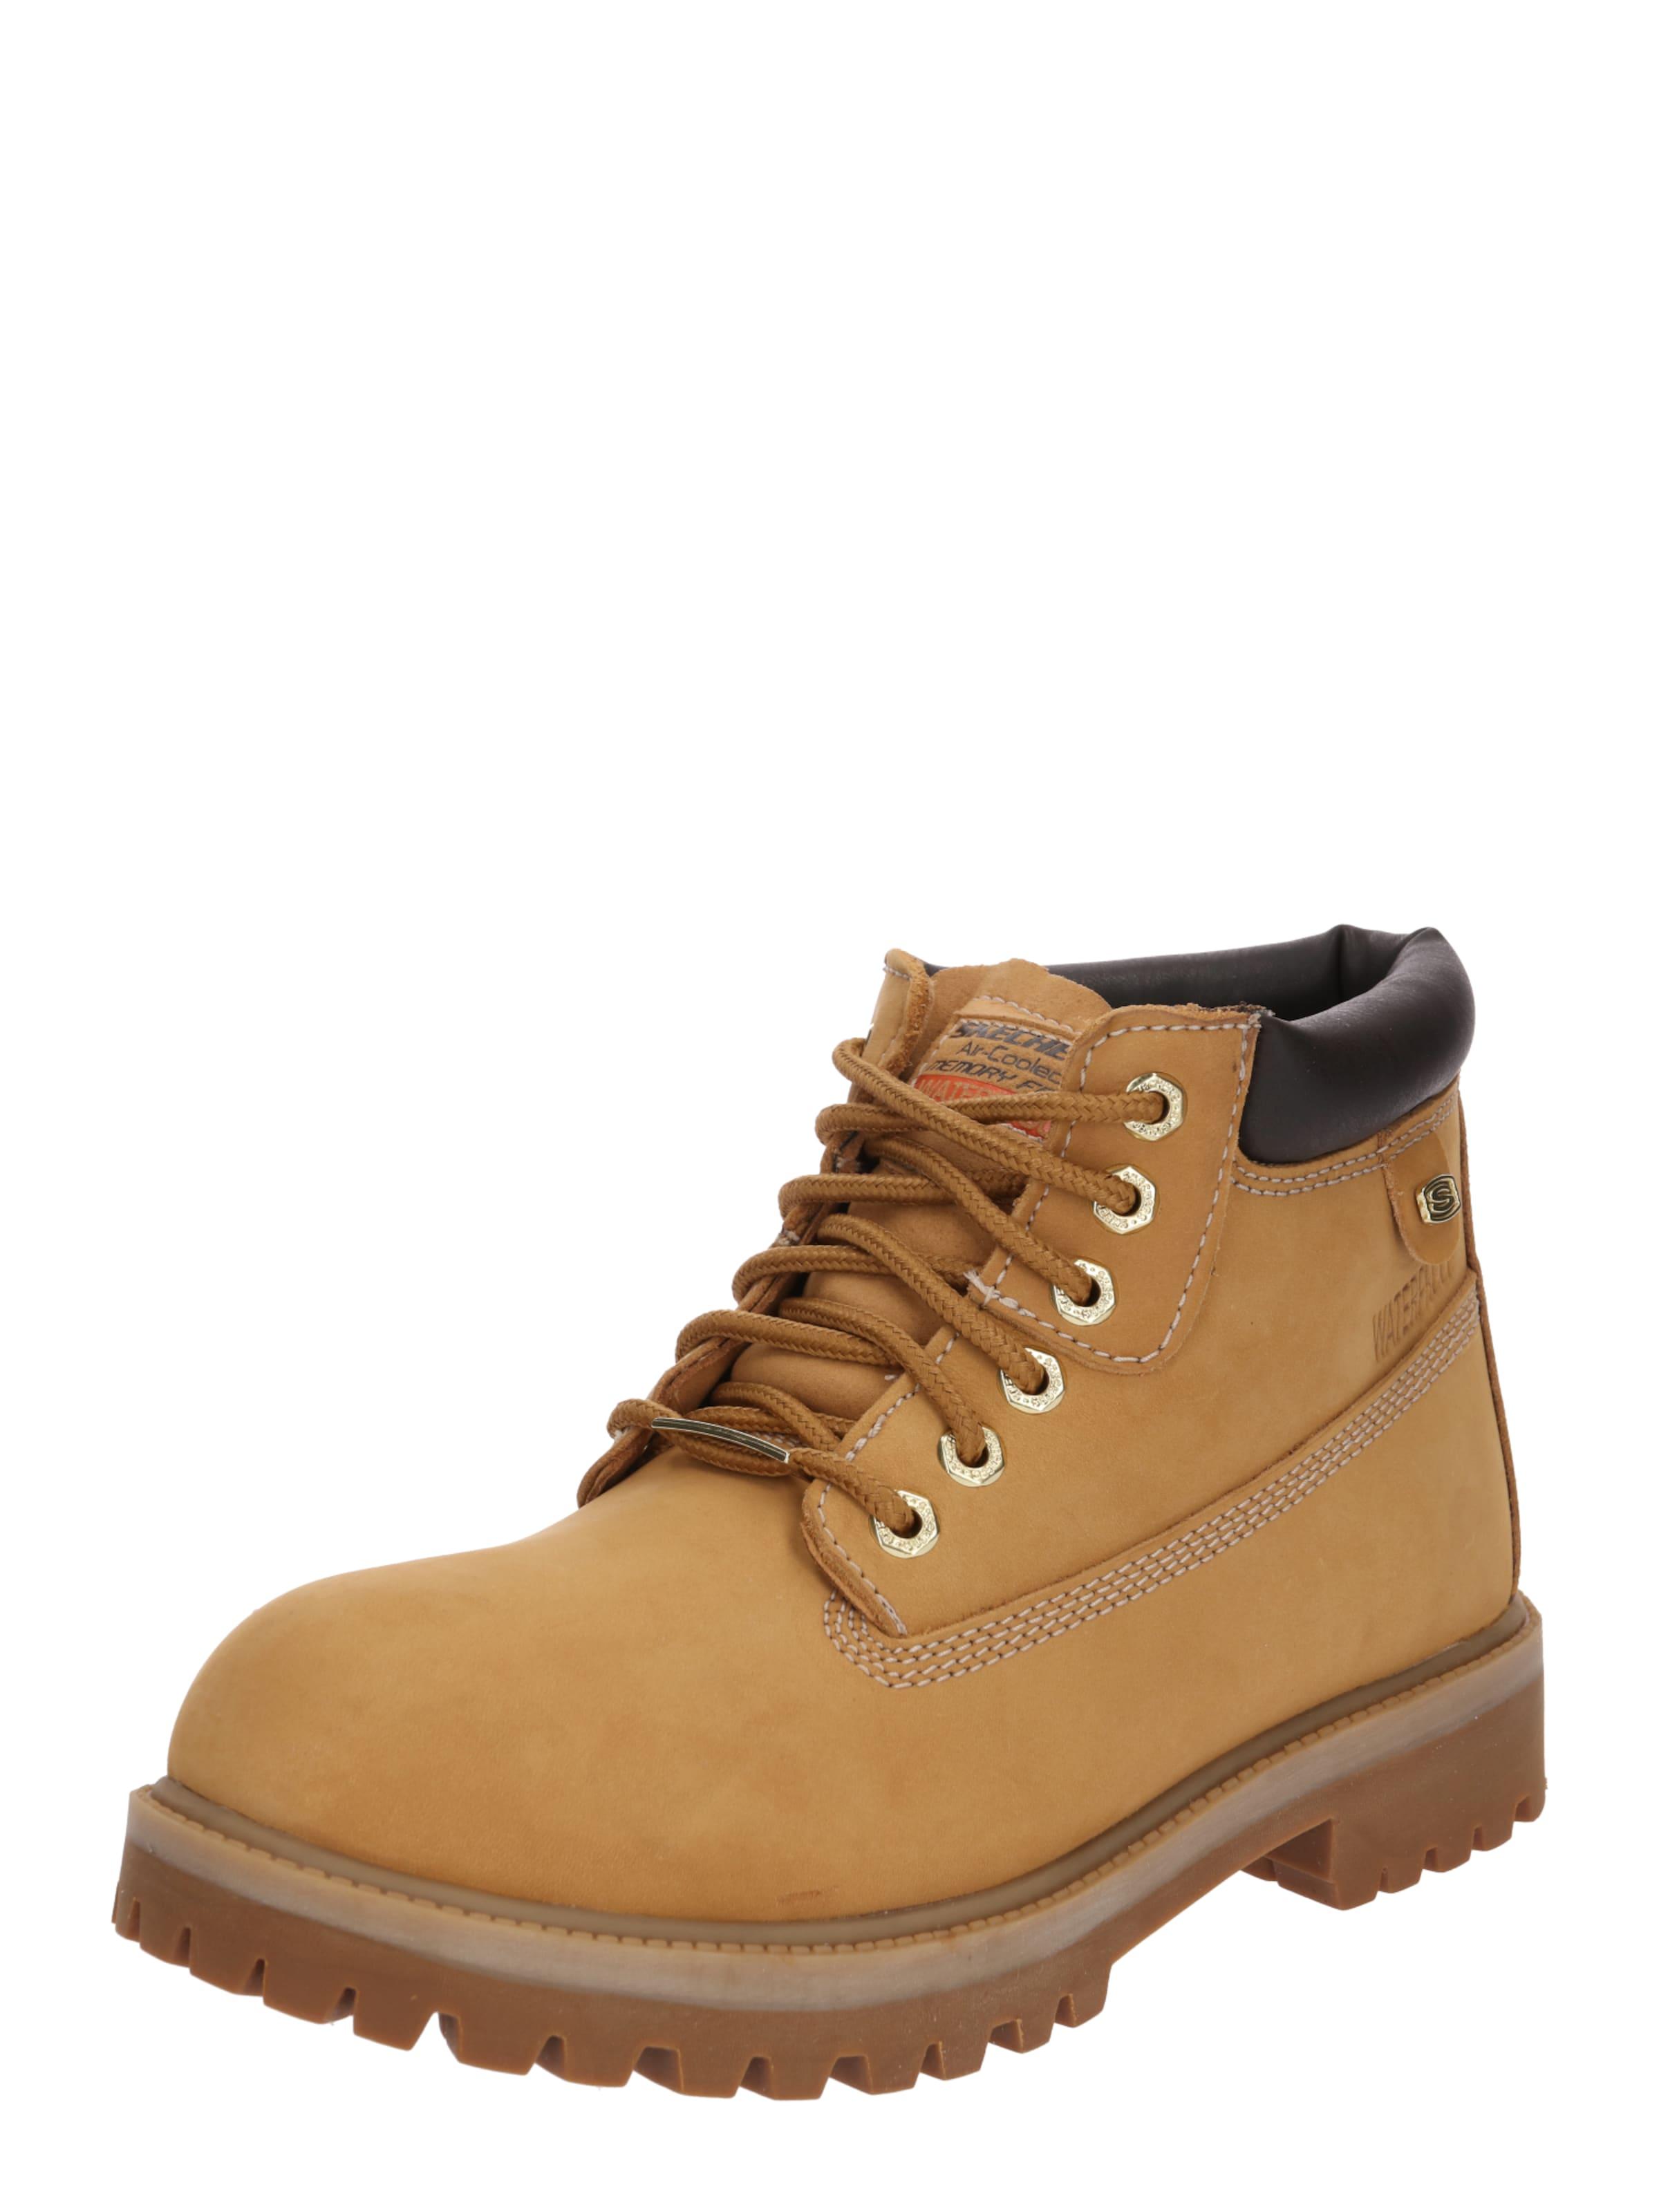 SKECHERS Boots Günstige und langlebige Schuhe